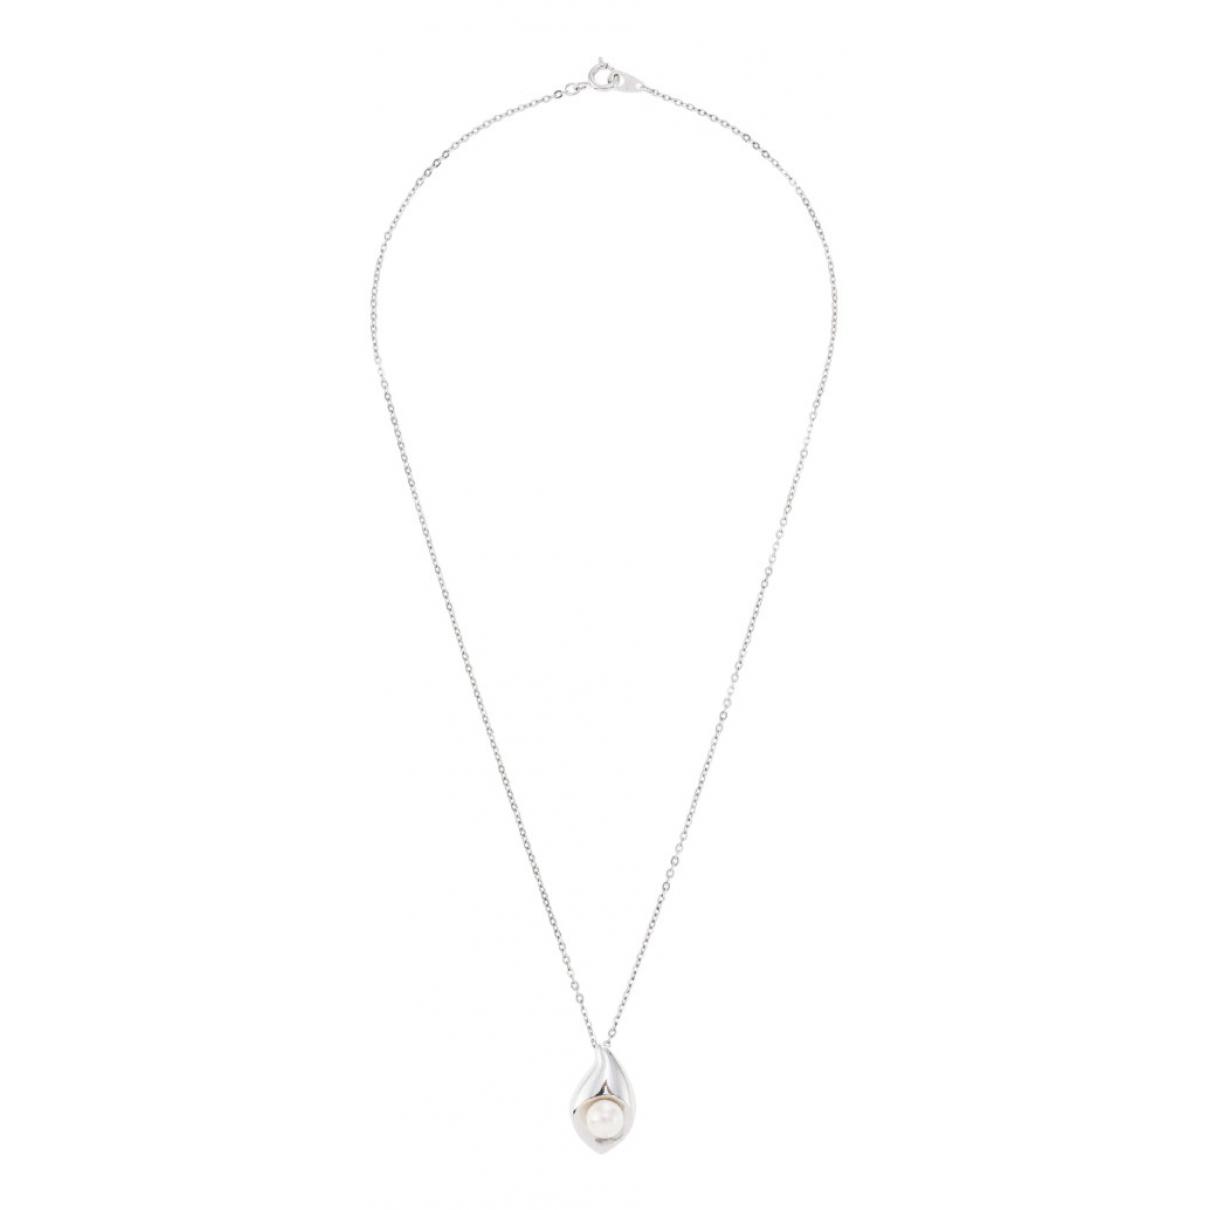 Tasaki \N Kette in  Silber Perlen